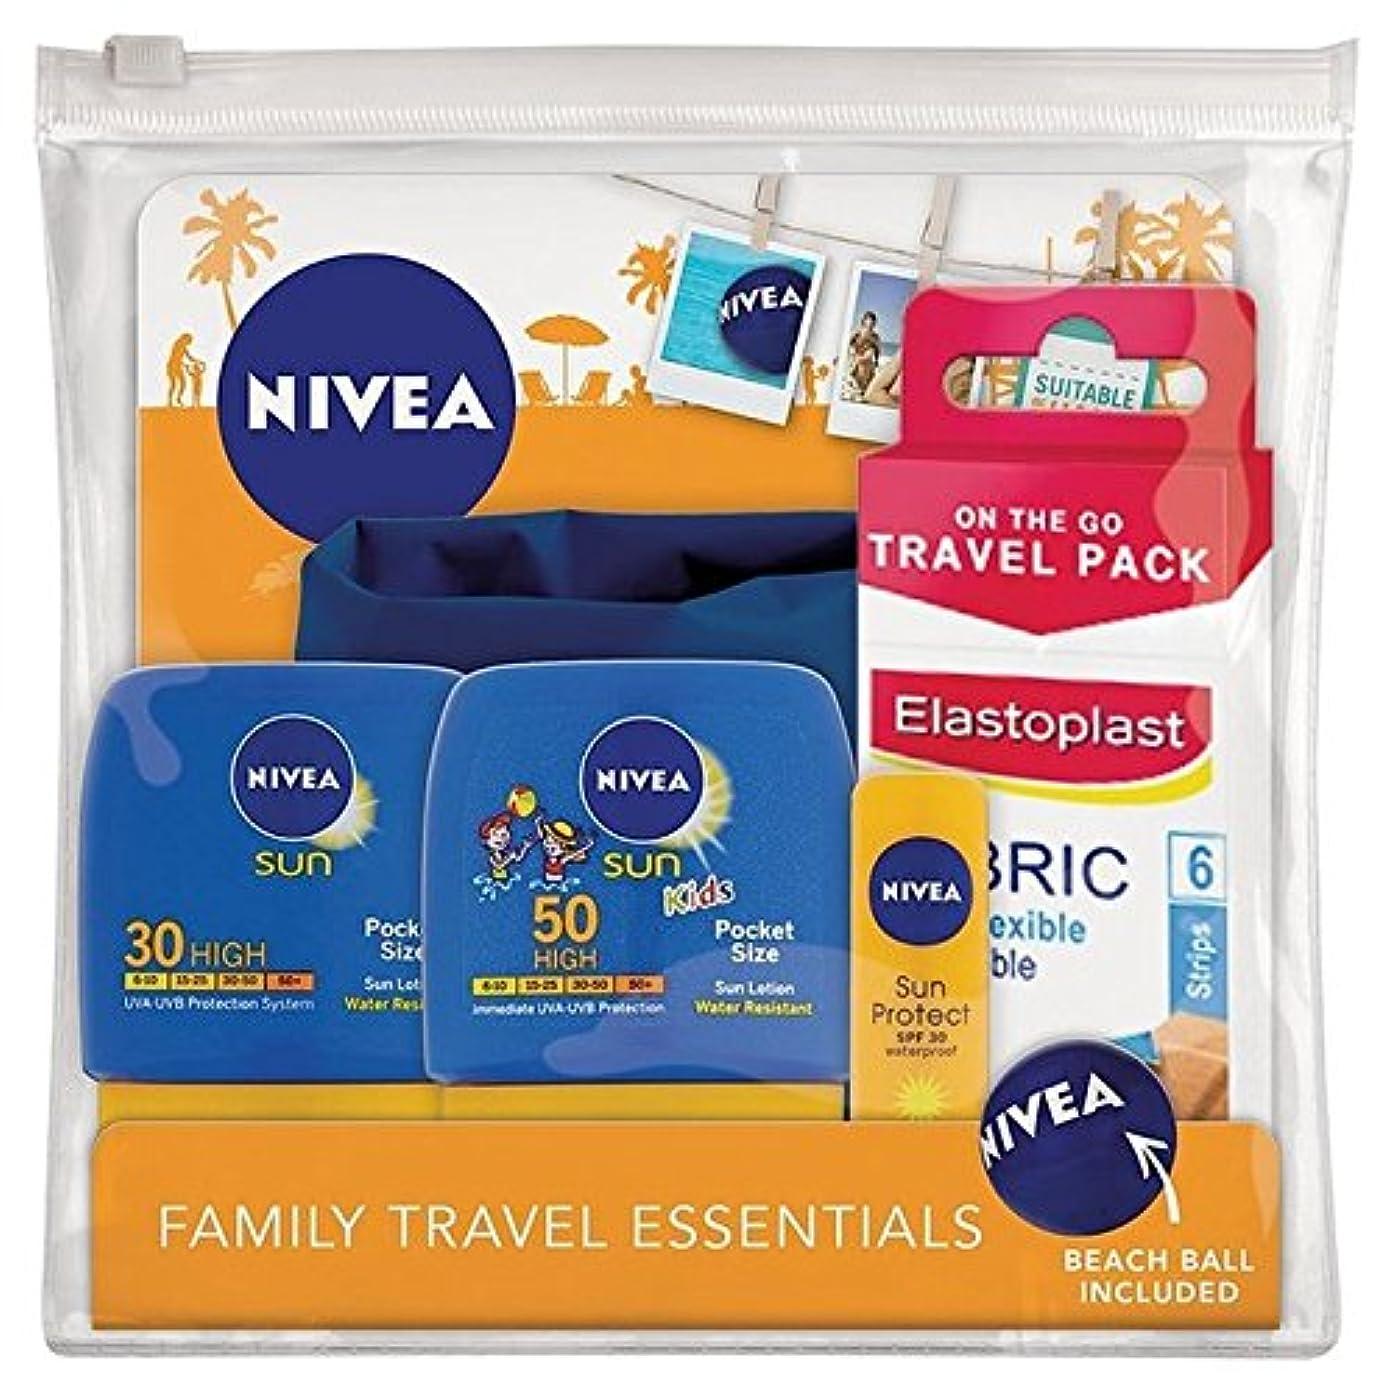 港非常に摩擦ニベア日旅行パック x2 - Nivea Sun Travel Pack (Pack of 2) [並行輸入品]